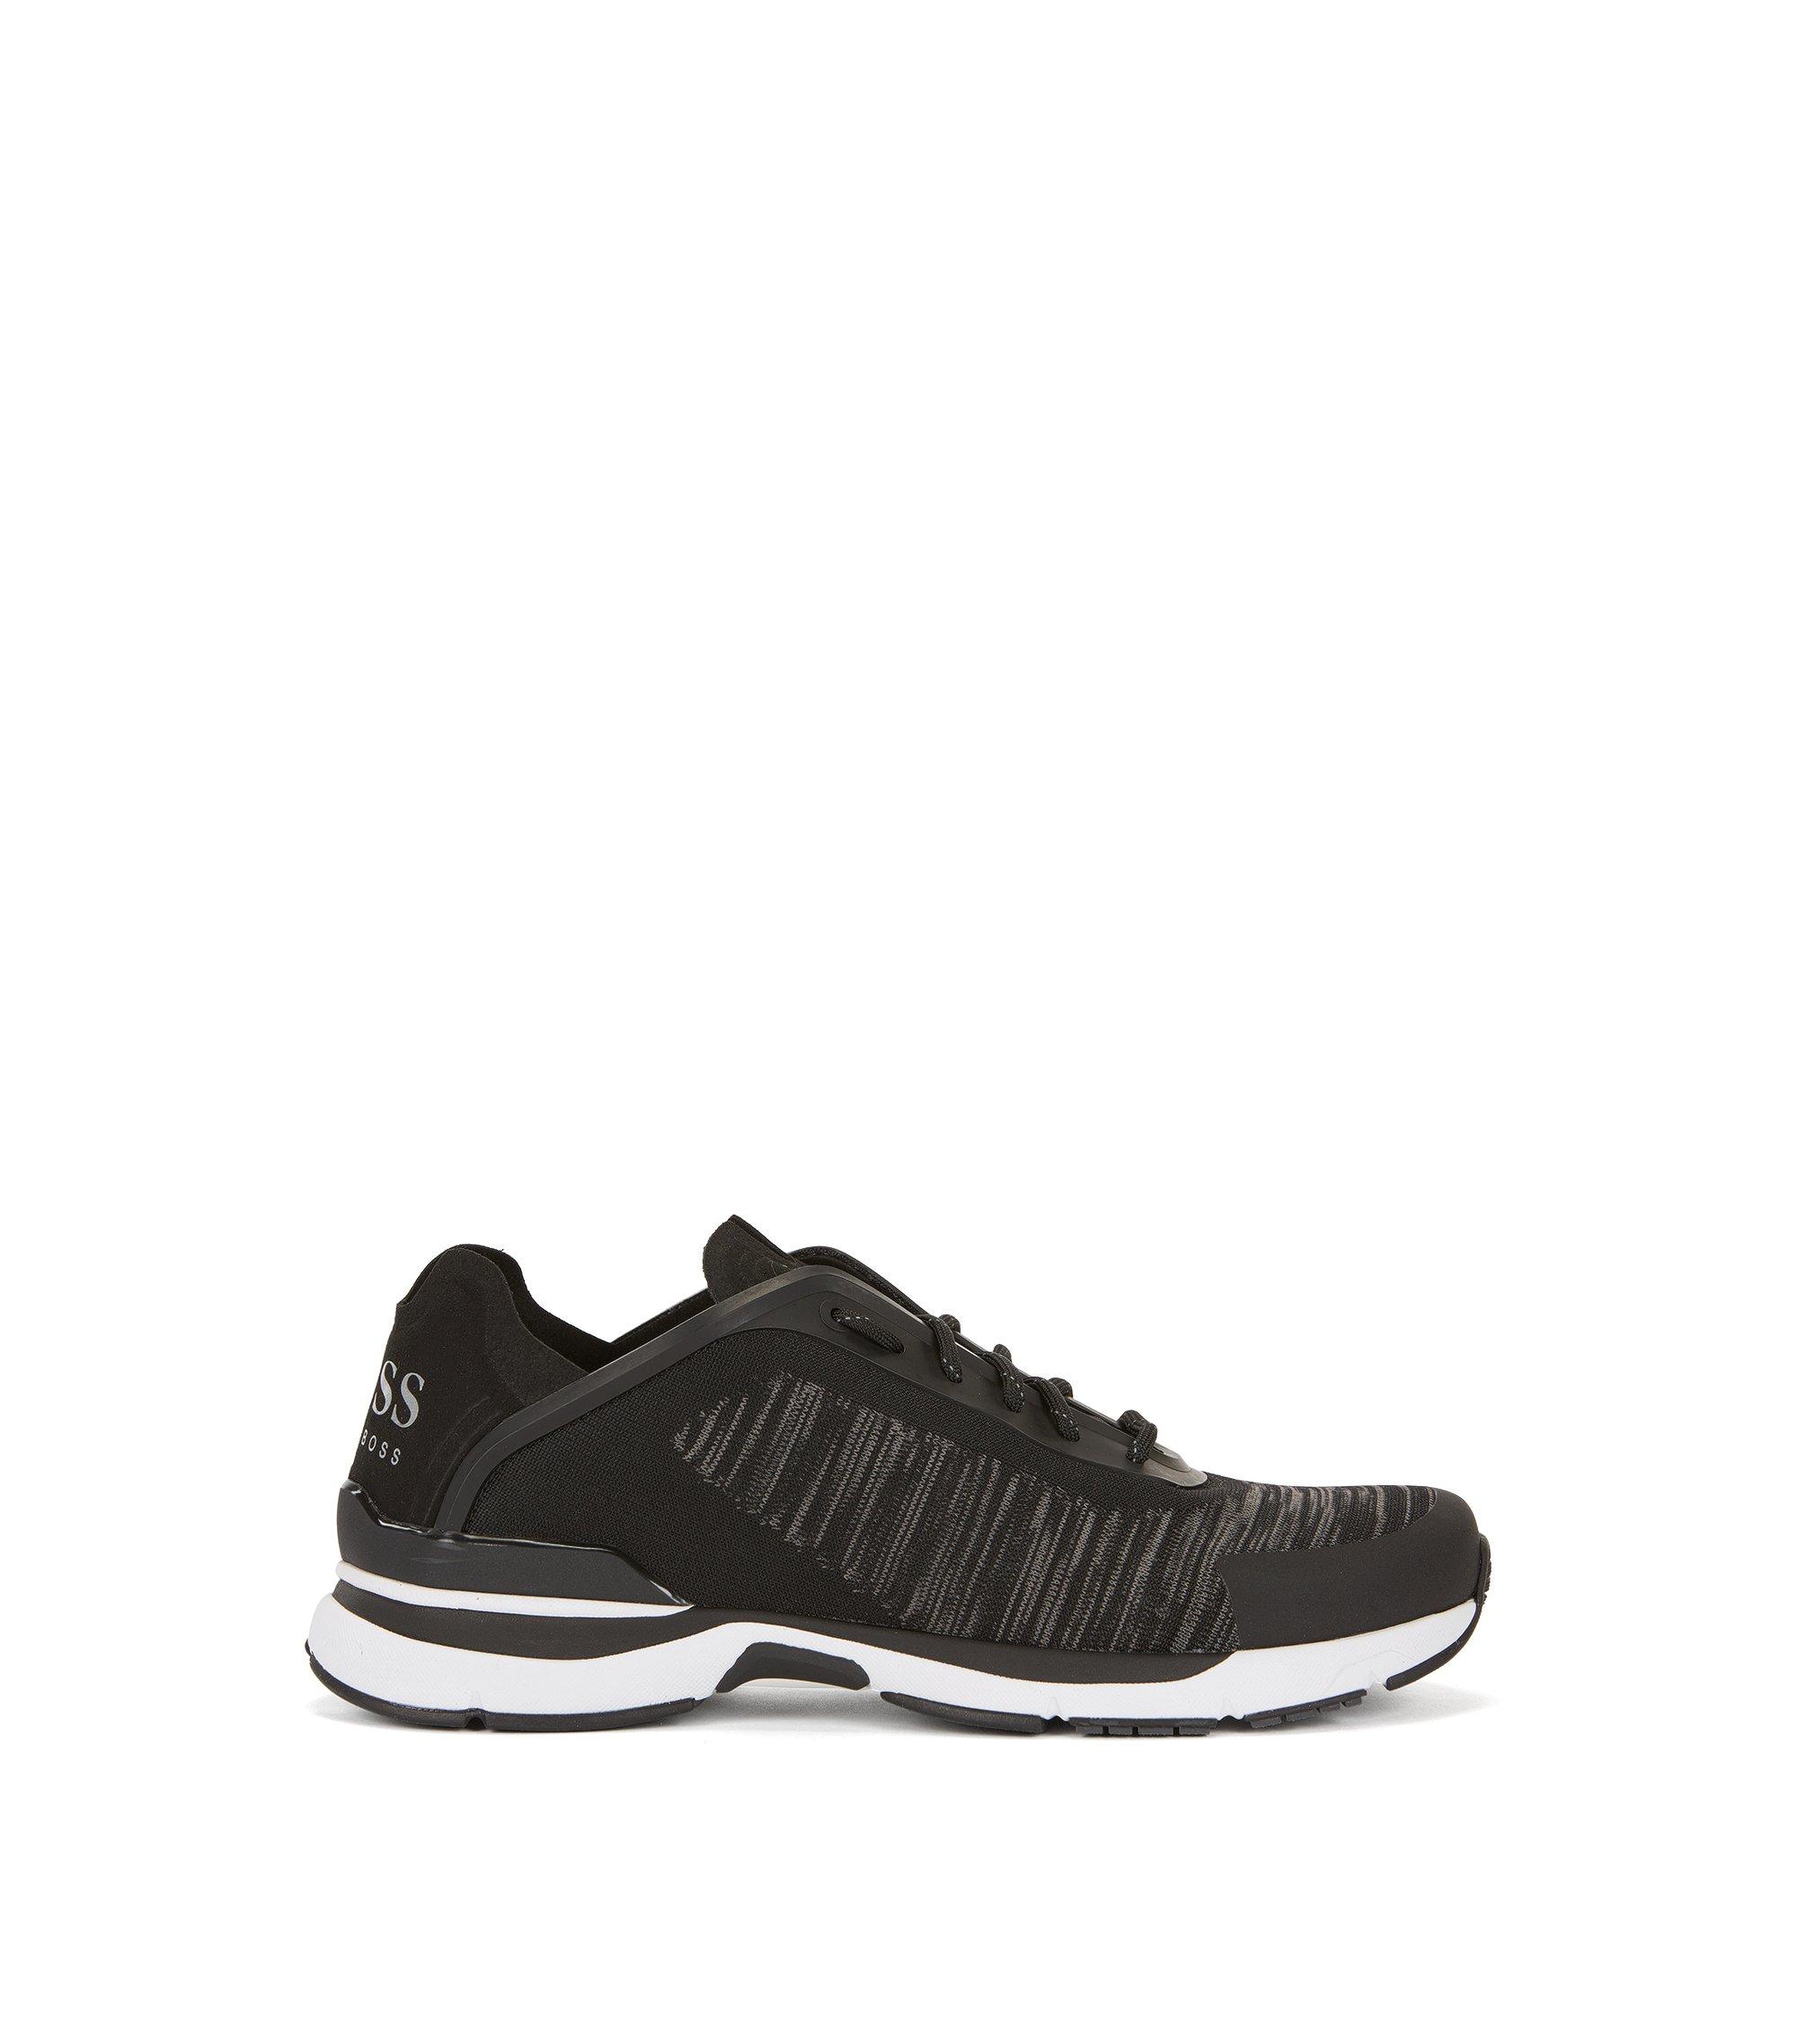 Sneakers in stile runner con tomaia in maglia jacquard, Grigio scuro